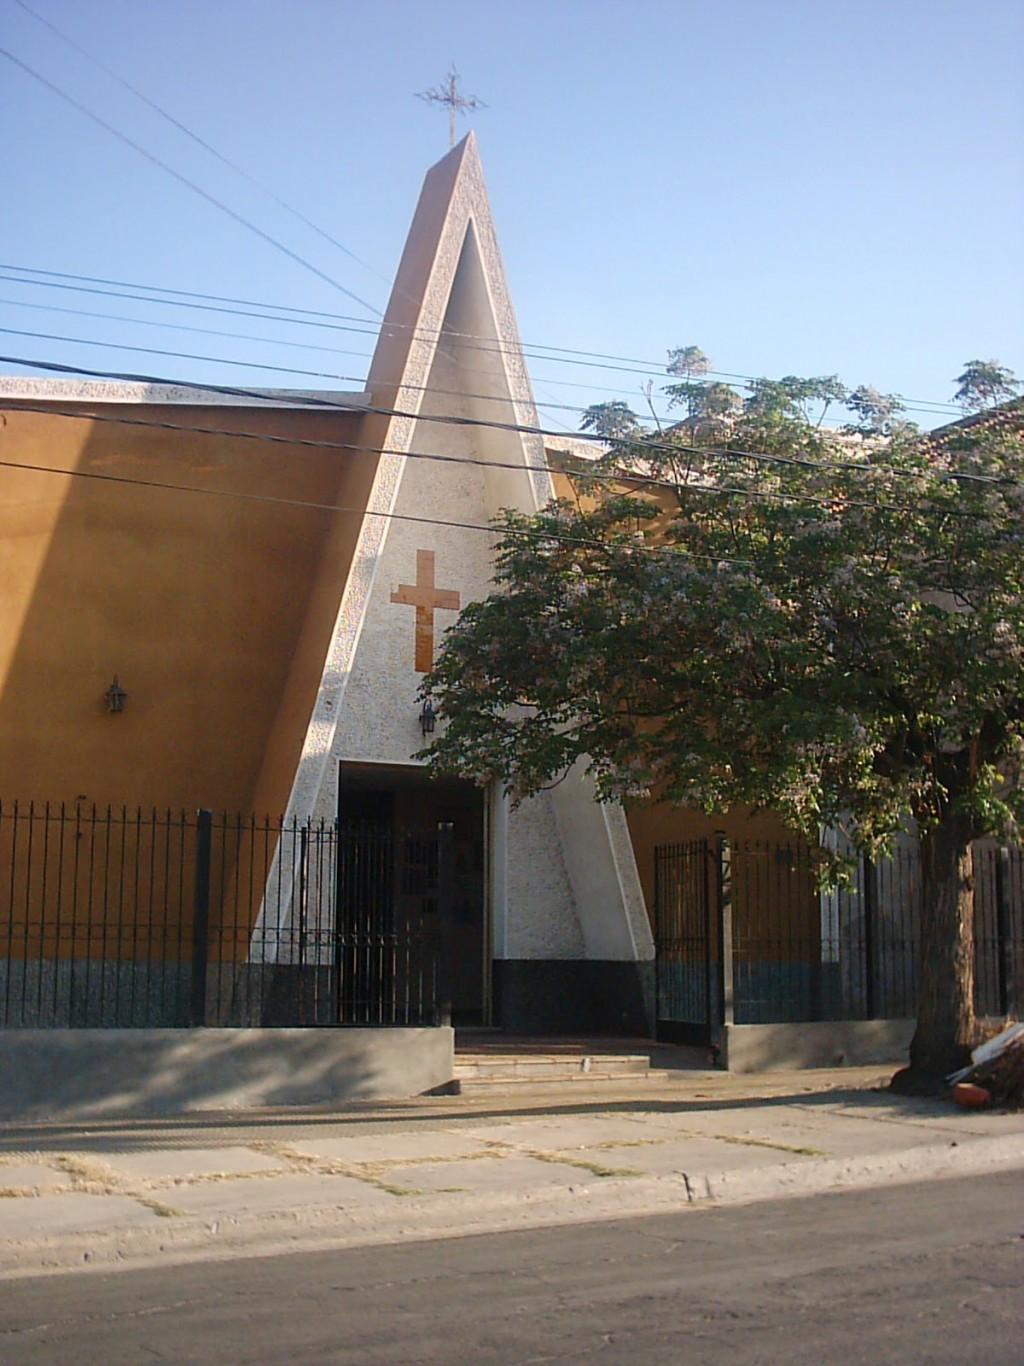 Pintaron la Iglesia SANTA TERESITA con la leyenda SERA LEY